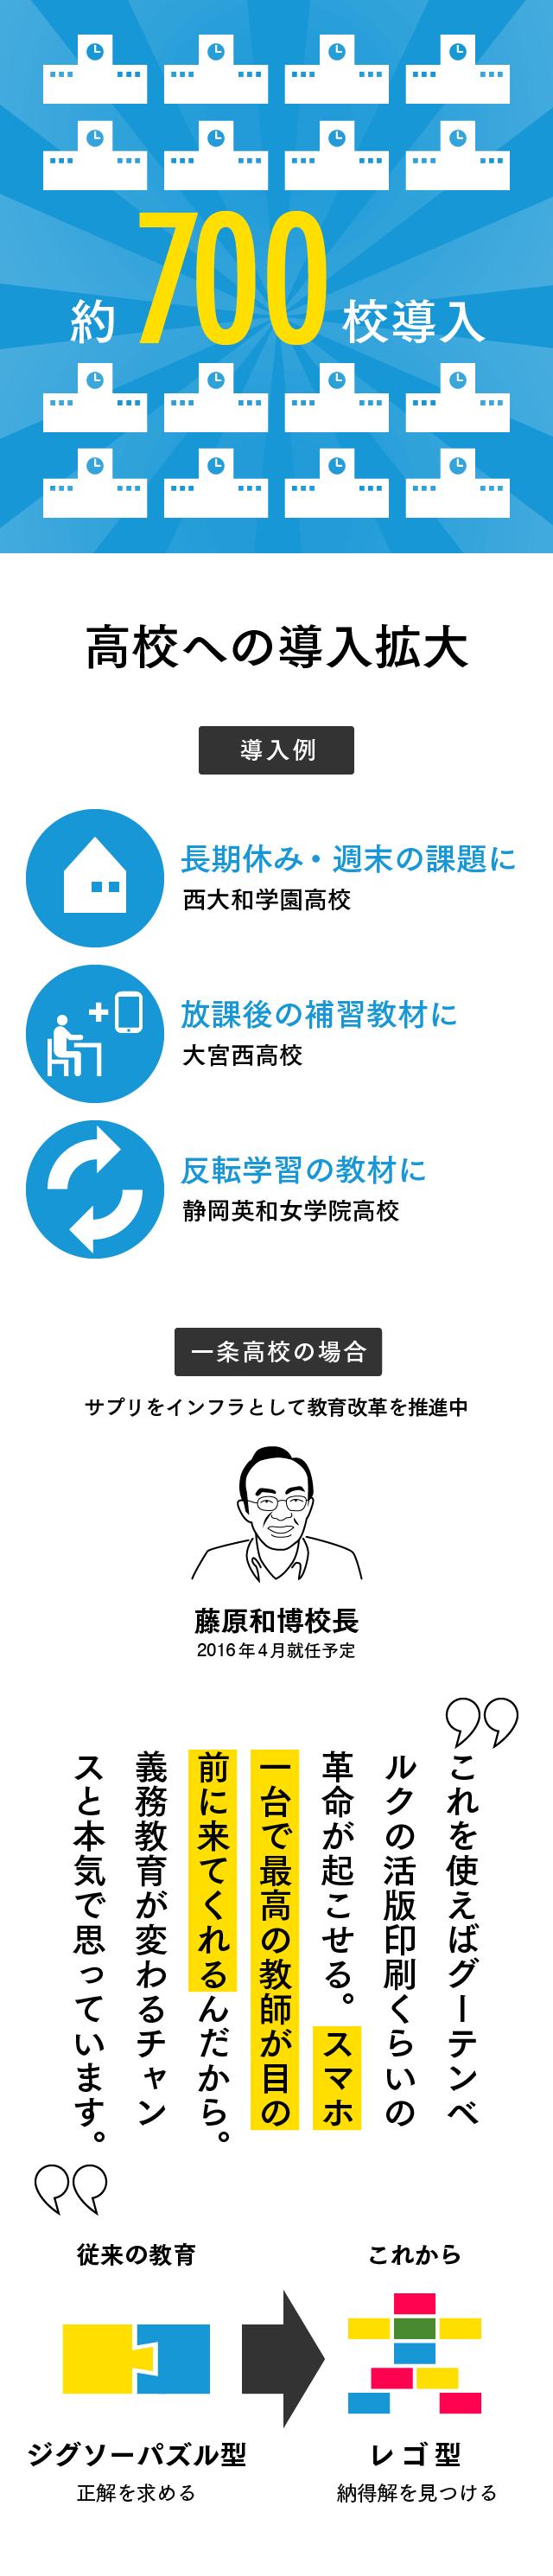 【マスター】スタディサプリインフォ_20160302-2-05